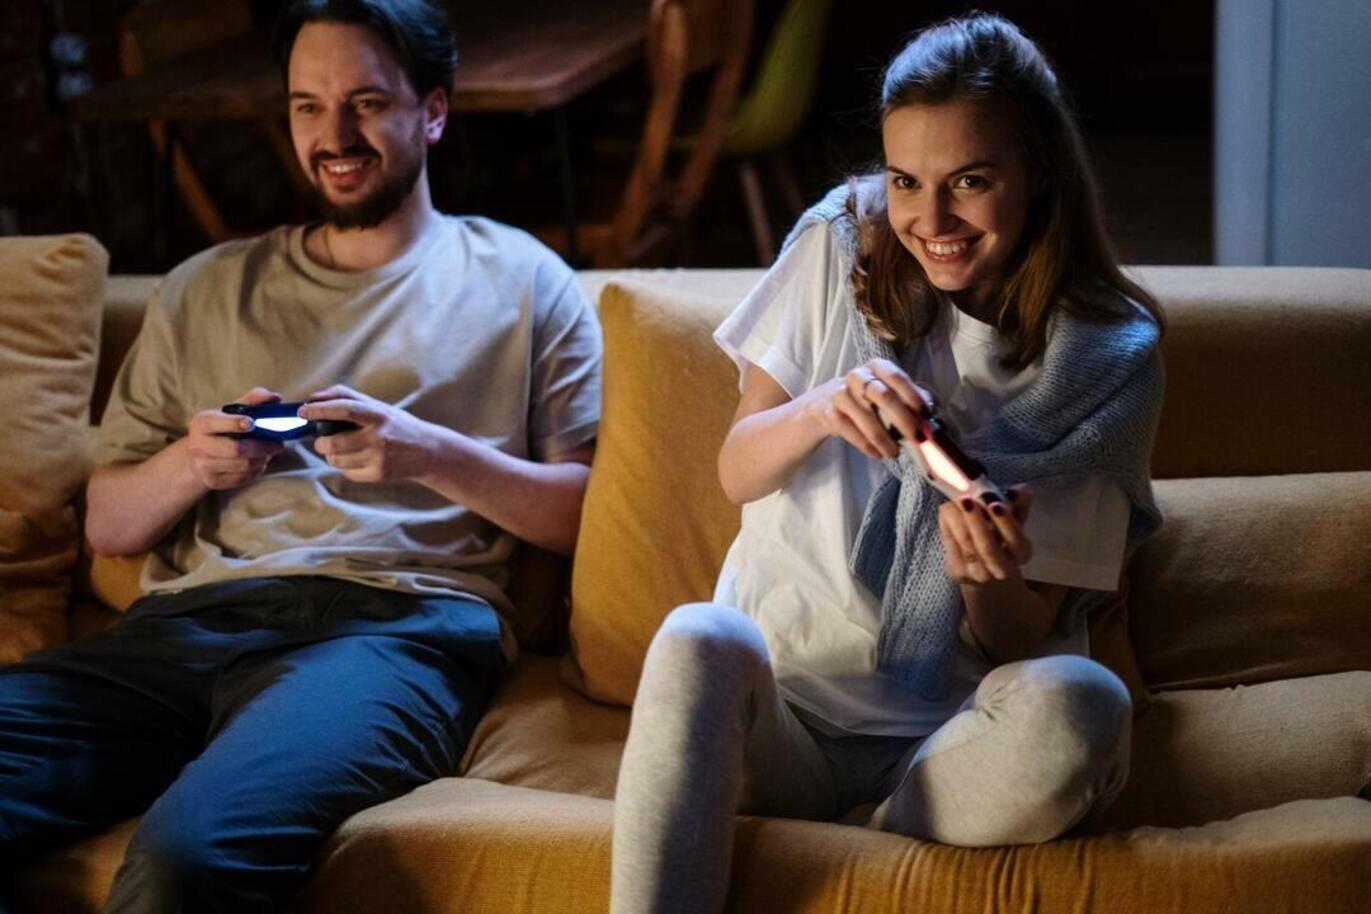 Gry video mogą być całkiem pożyteczną rozrywką. Okazuje się, że mogą mieć dobry wpływ na naszą psychikę.